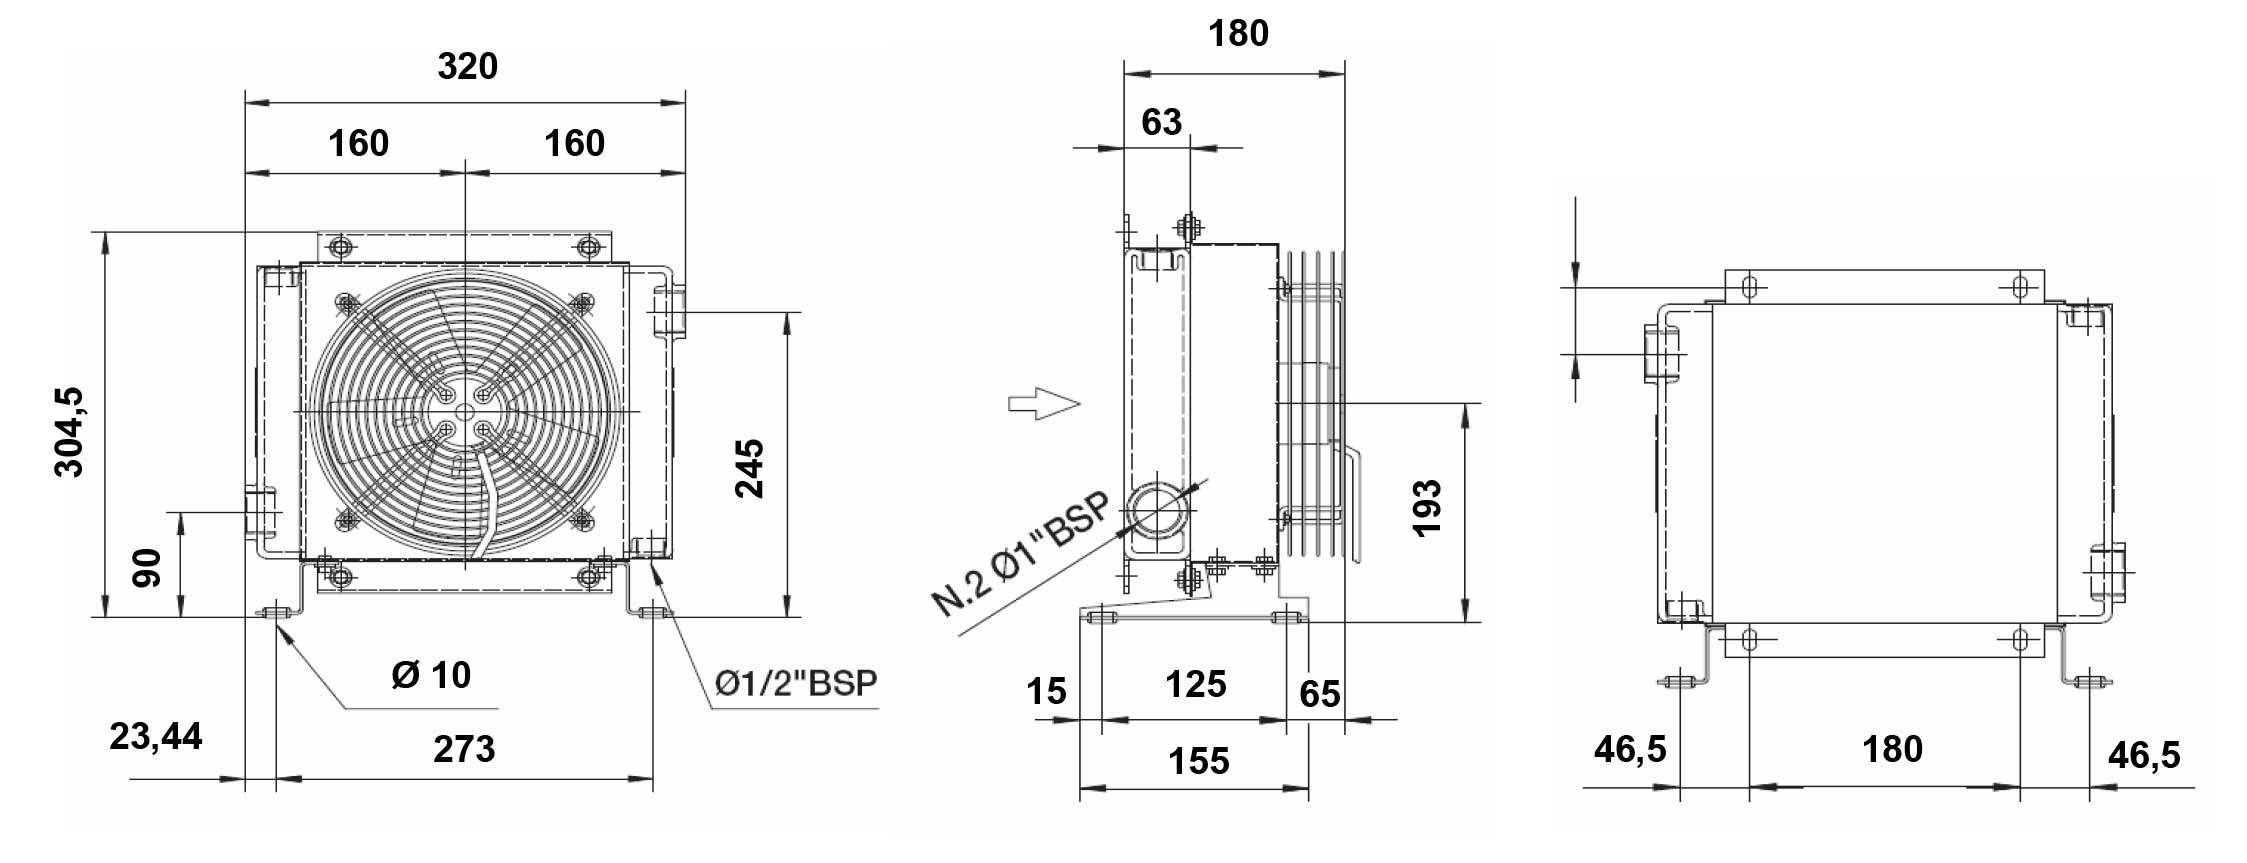 Hydraulik Shop Hydromot Hydrauliklkhler L Luftkhler 24 Volt 4020 Wiring Diagram Komponente Zur Integration In Hydraulische Systeme